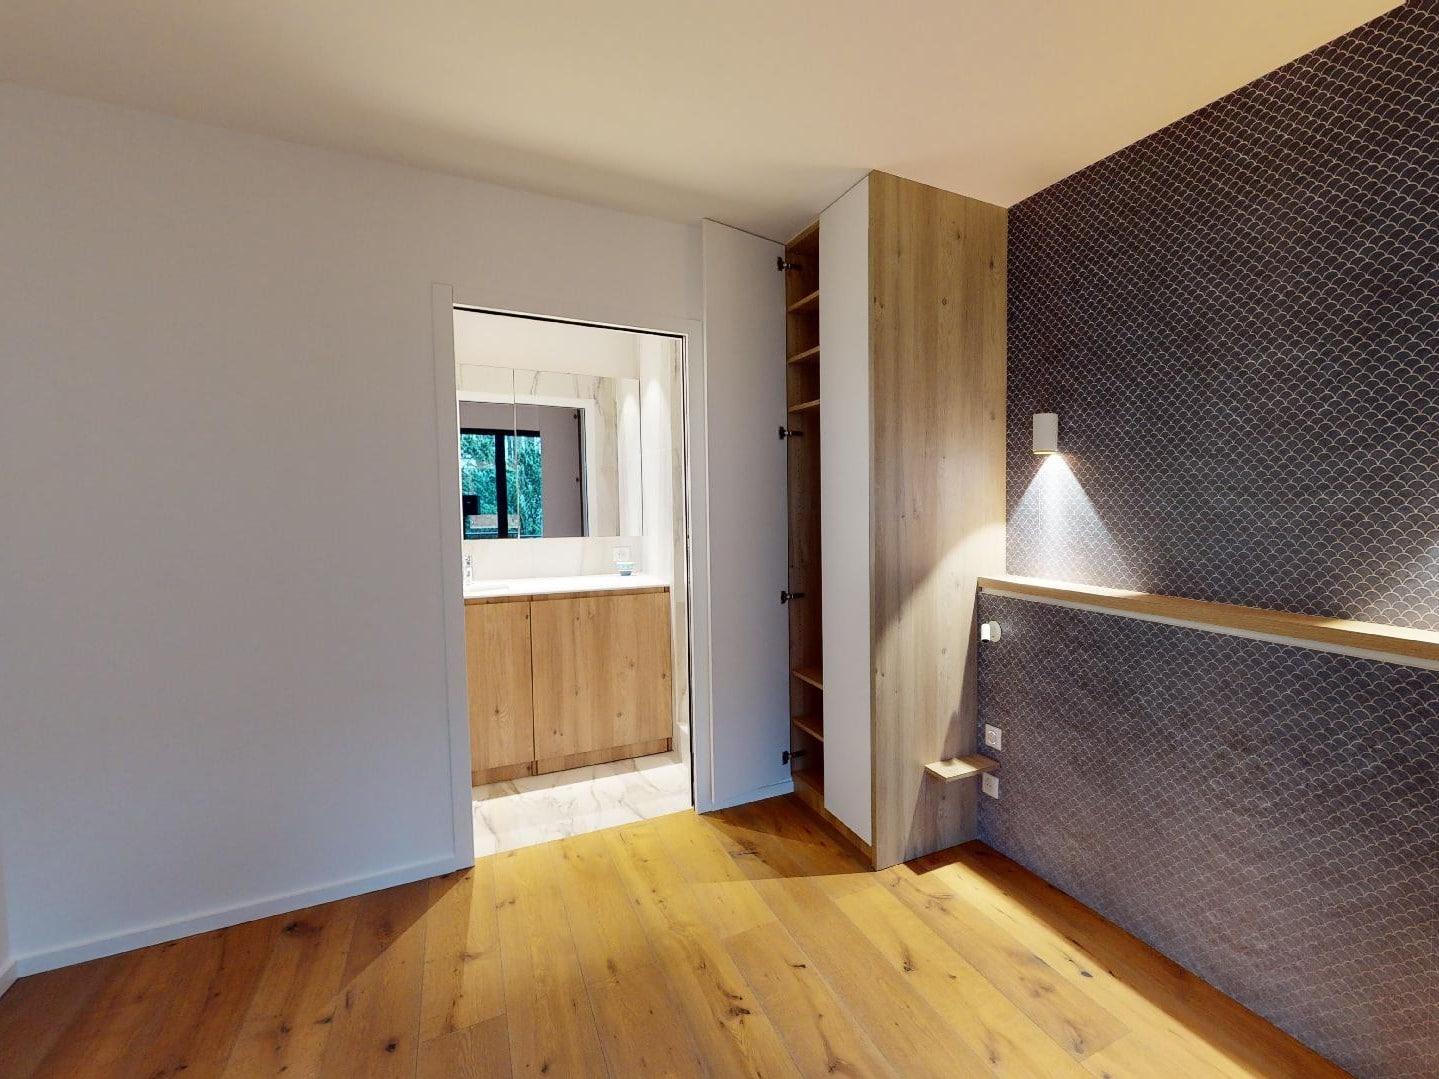 immobilier à vendre: 2 pièces 40 m², paris 14°, chambre avec vue parc et accès direct salle d'eau